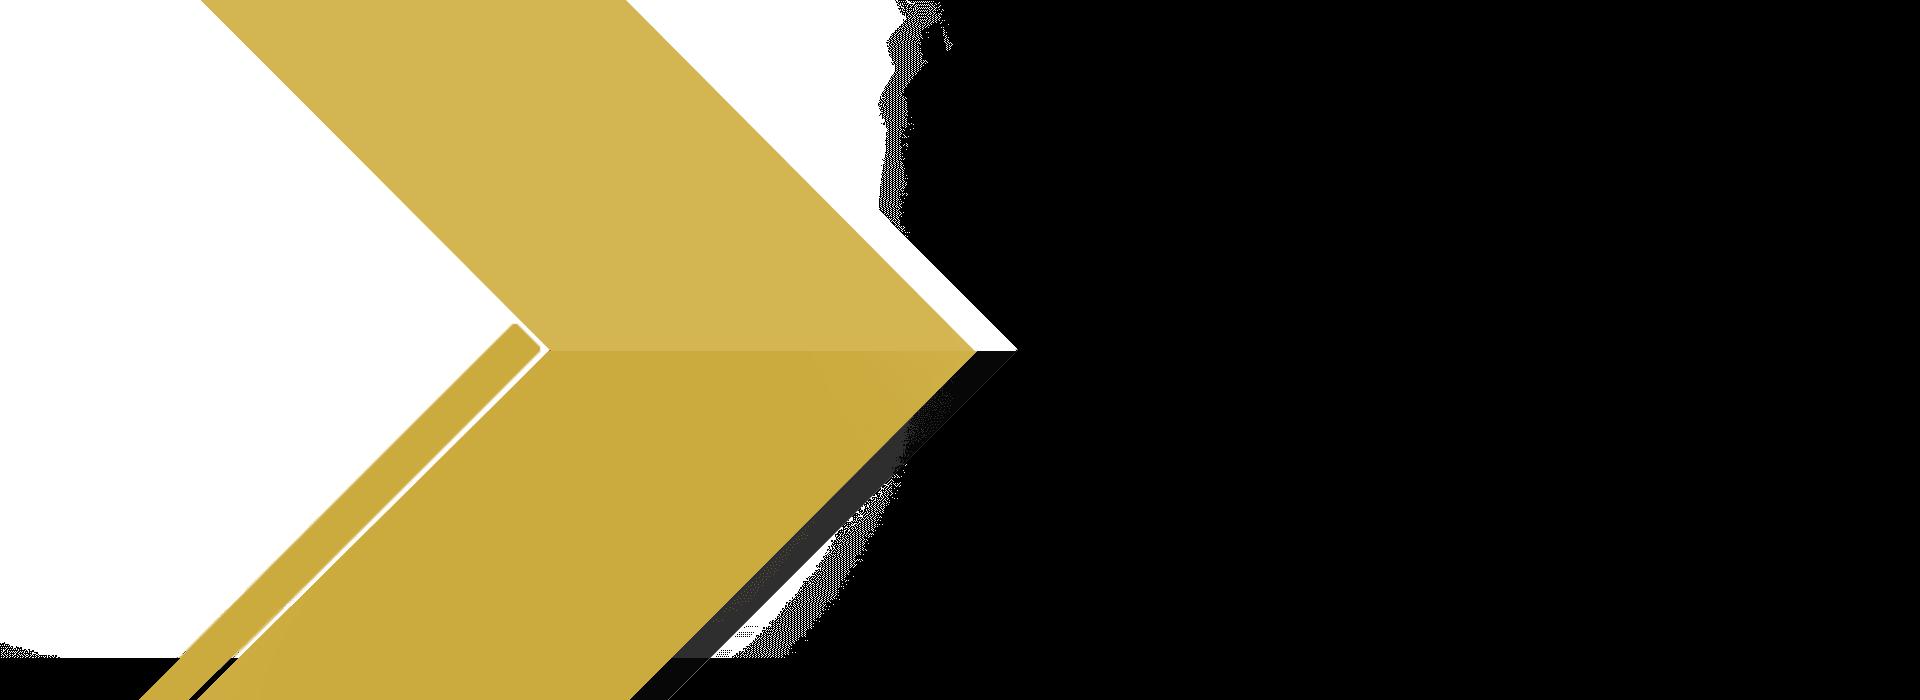 iaam-transparent-bg-4